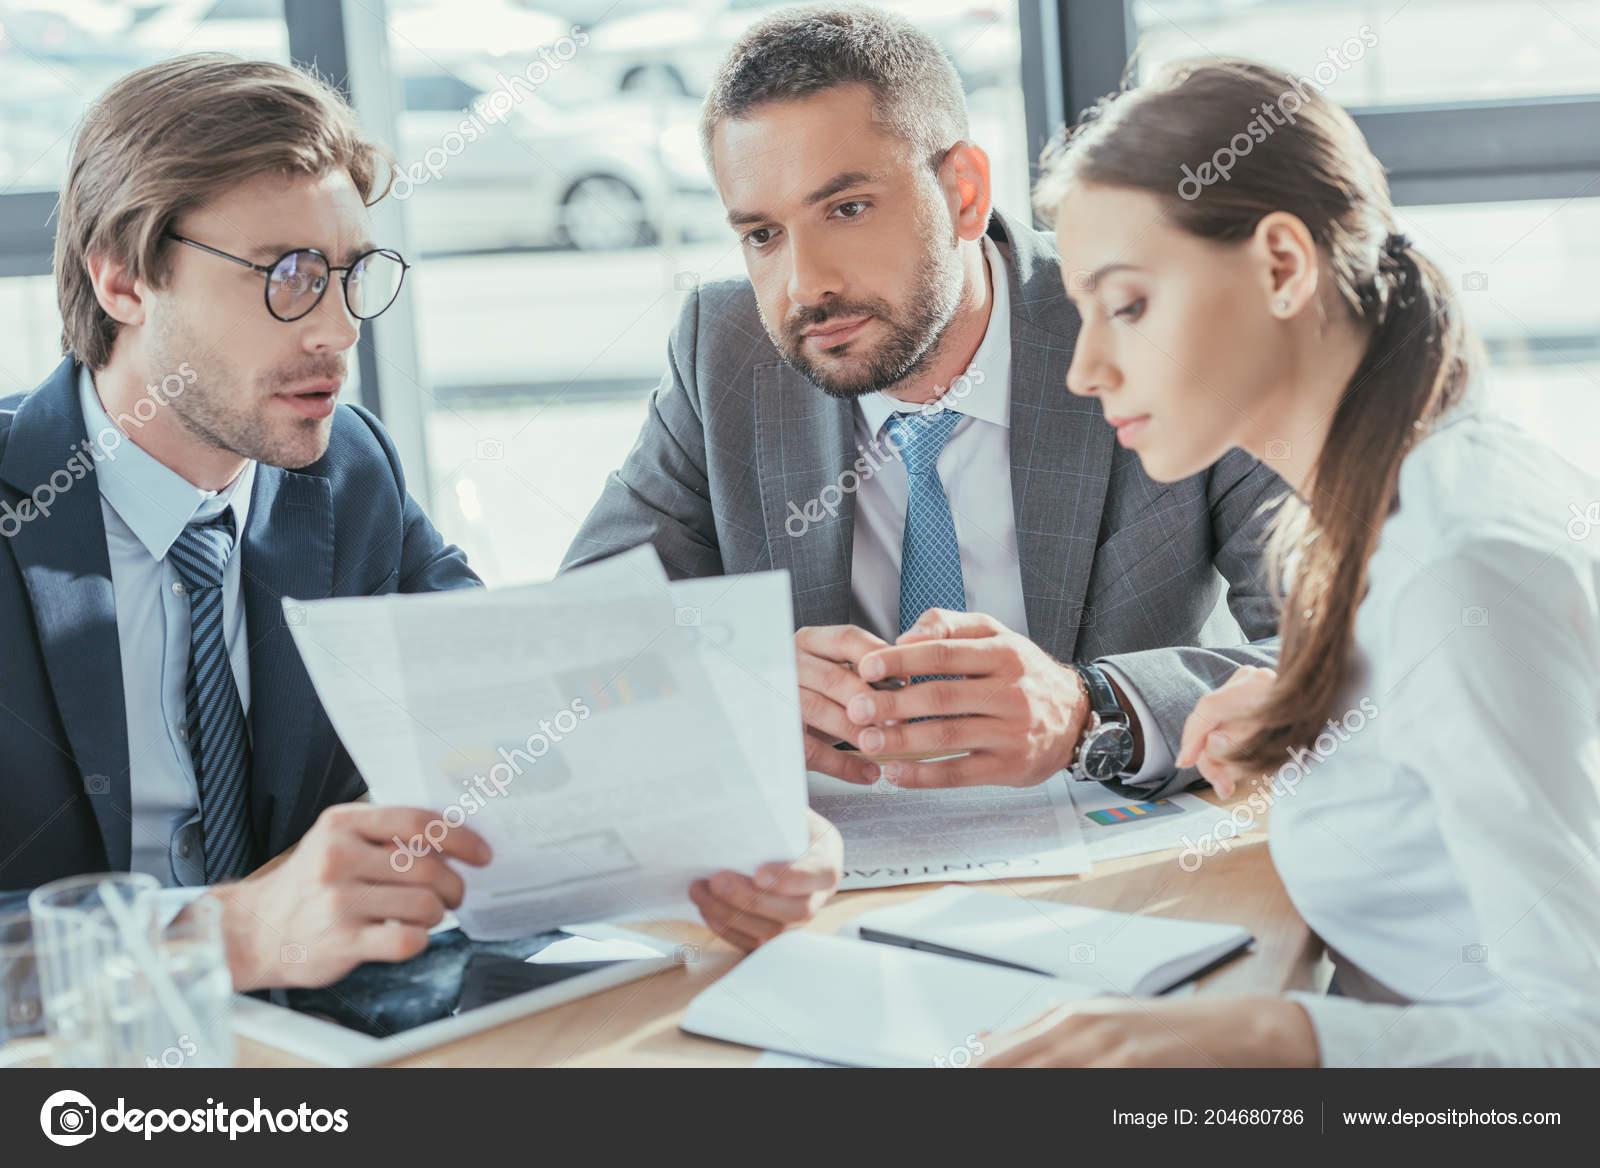 Resultado de imagen para people doing business